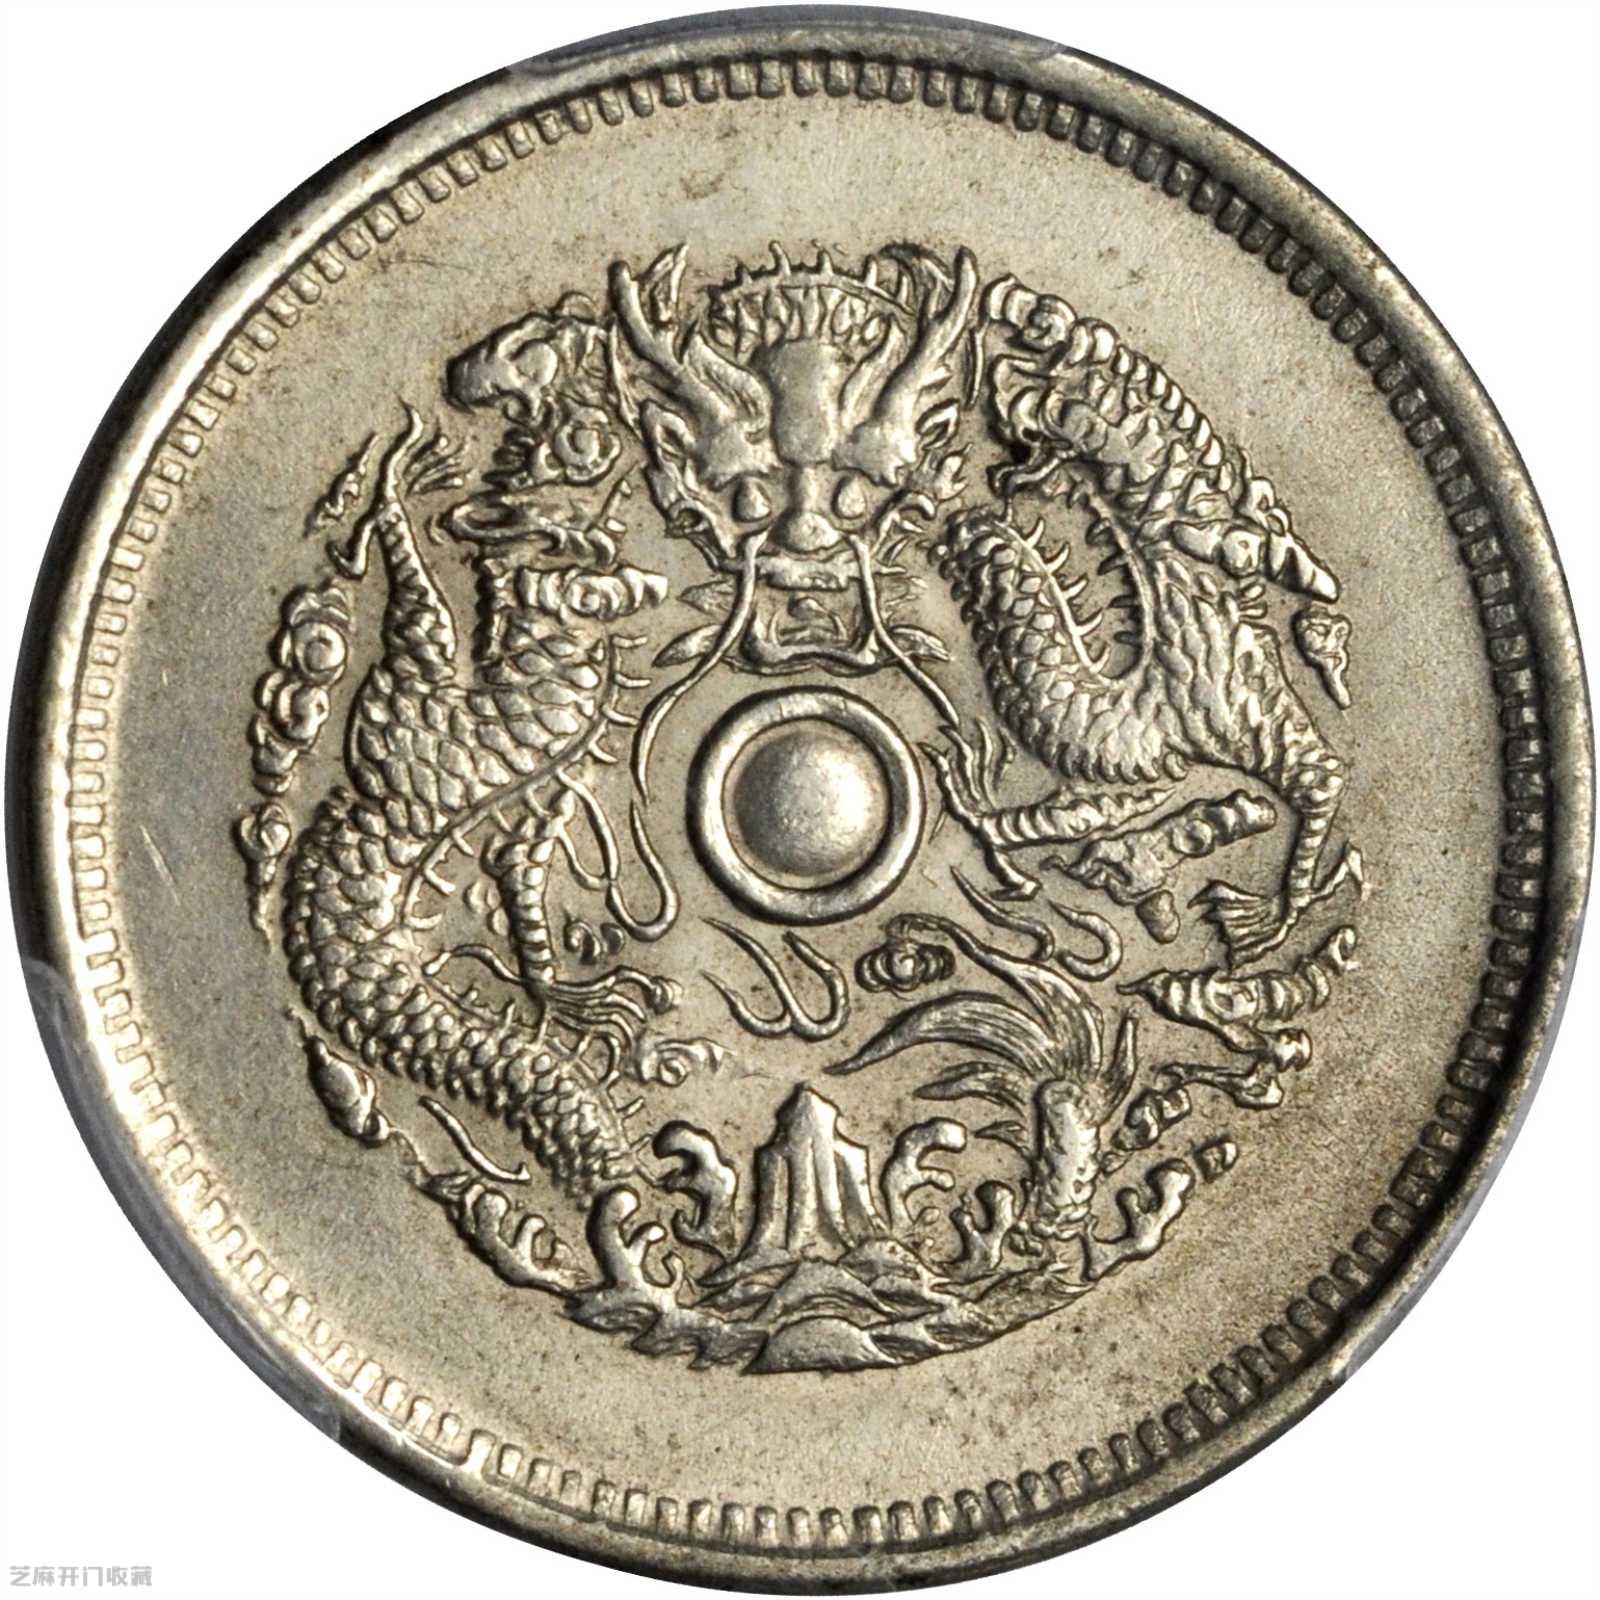 光绪元宝备受钱币收藏者青睐-钱币收藏